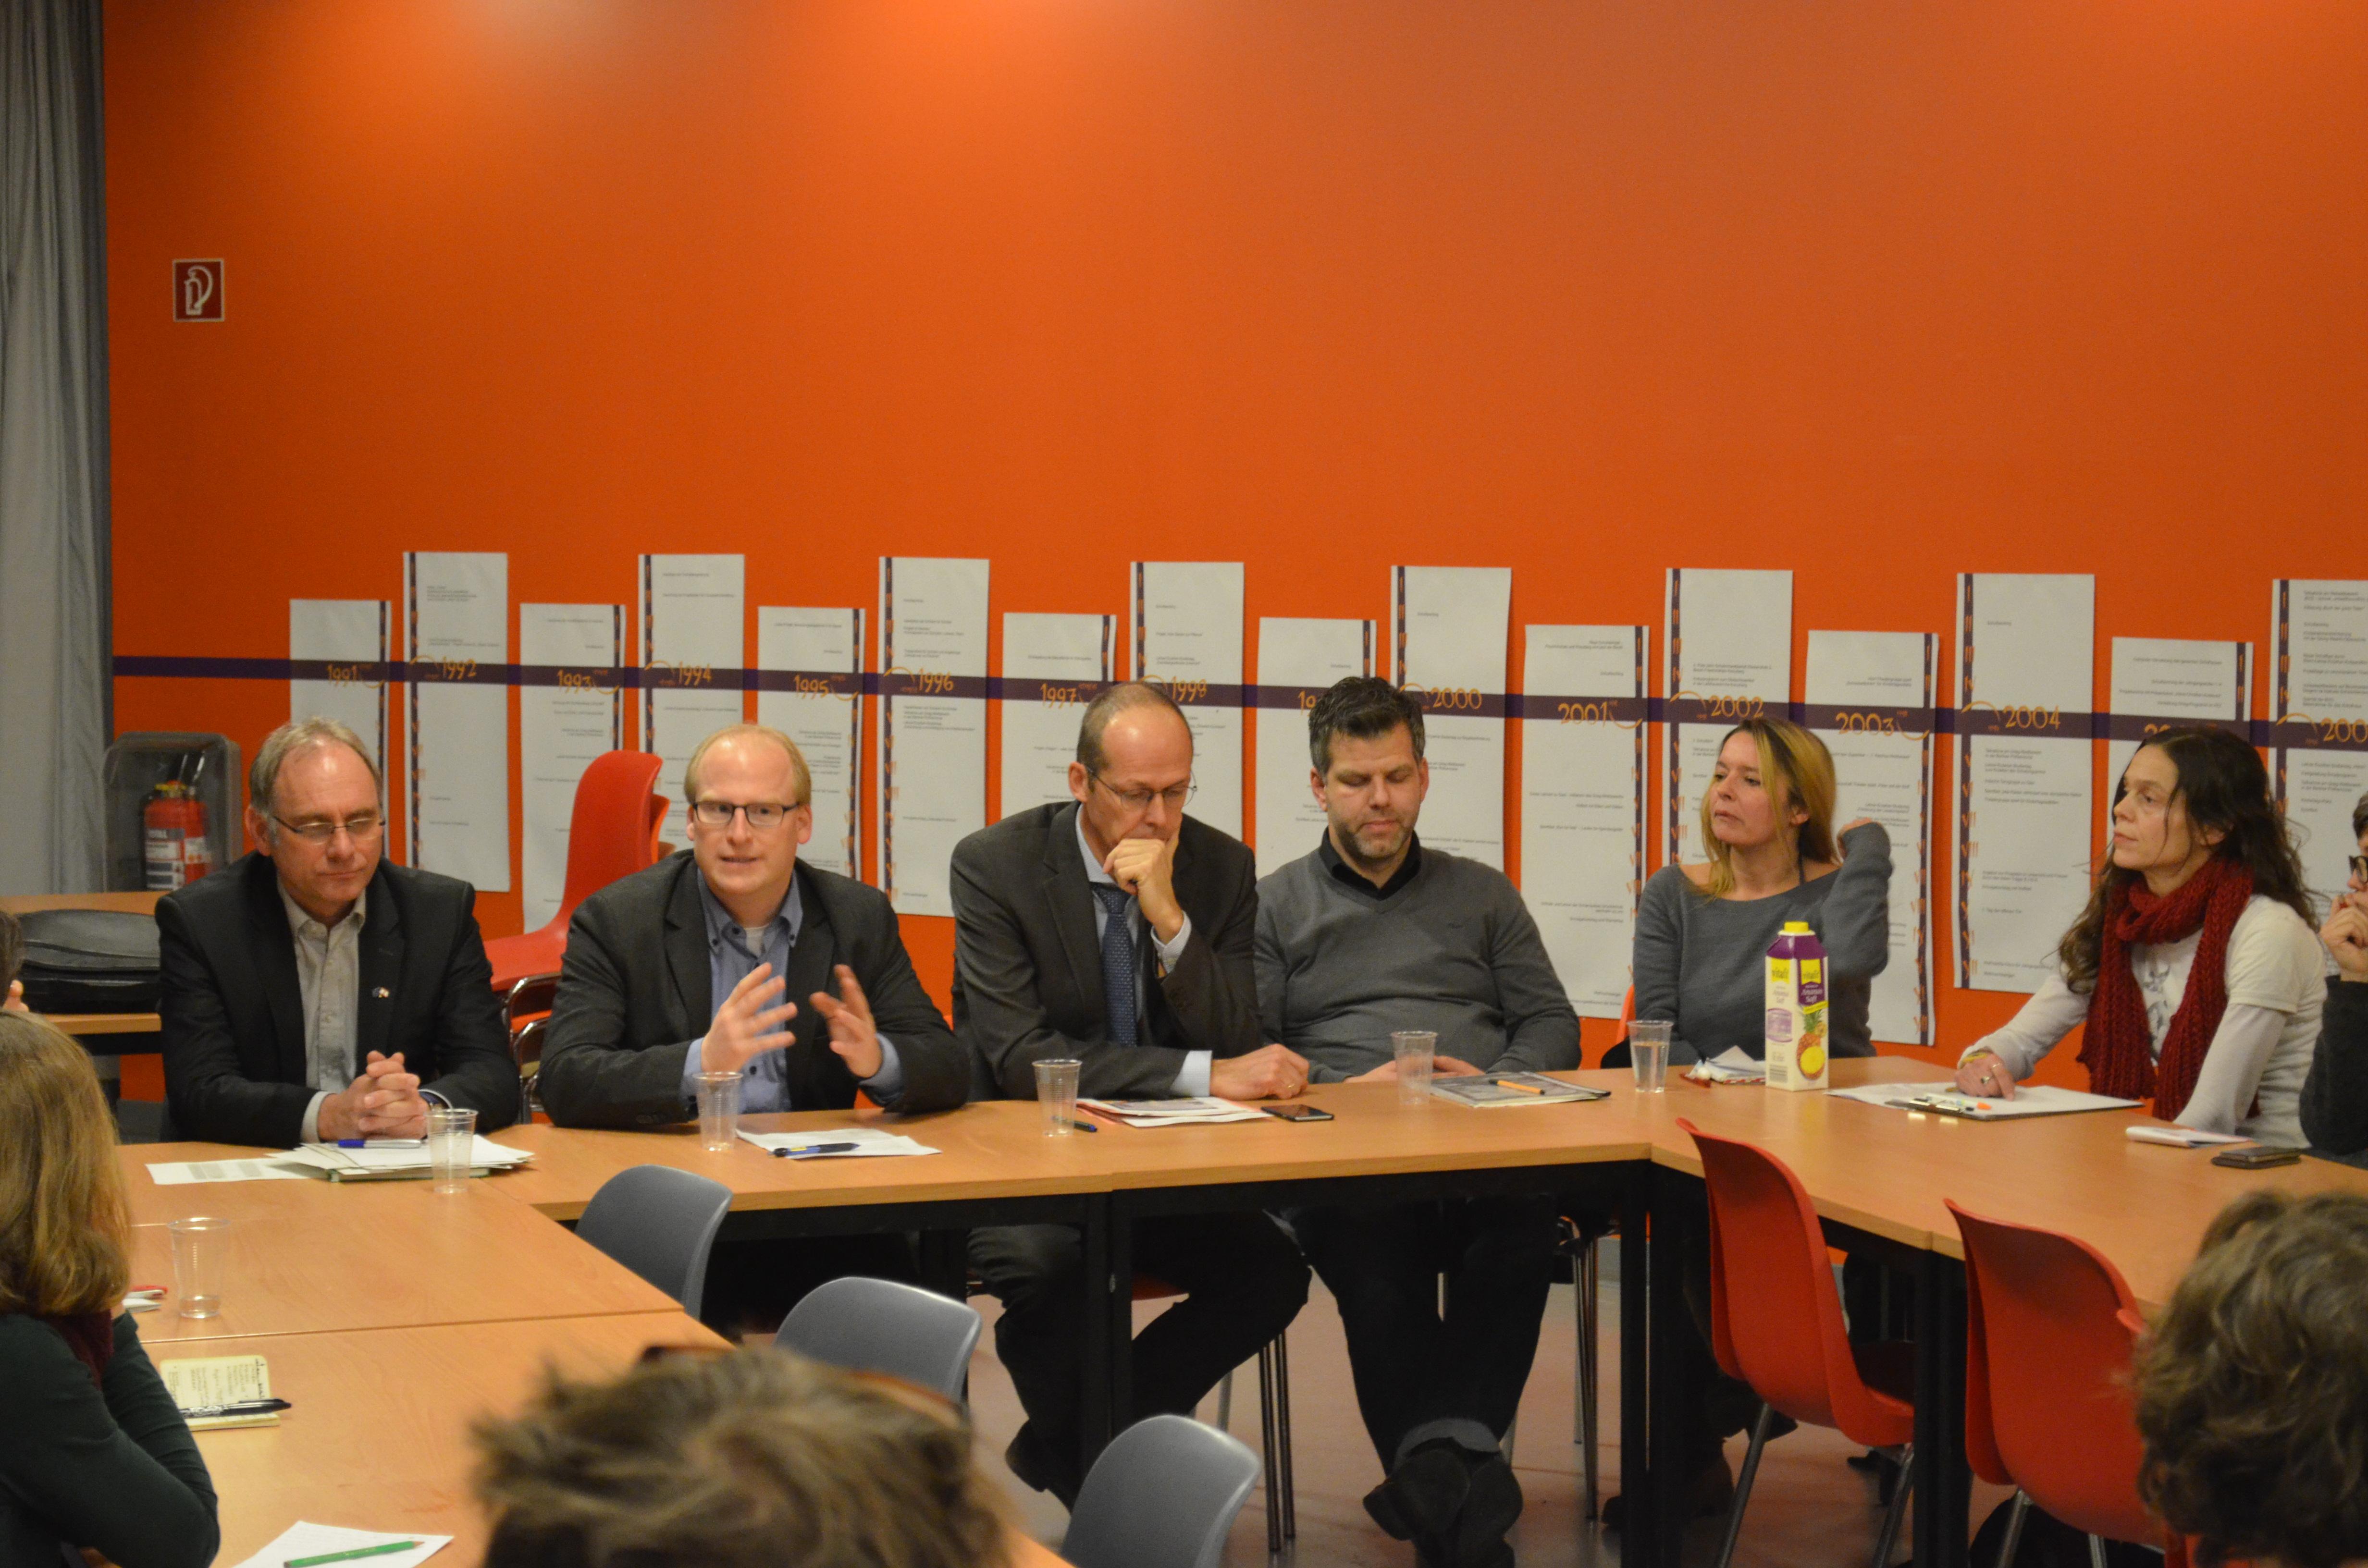 Elternforum zur Schulpolitik mit Vertretern von Land und Bezirk